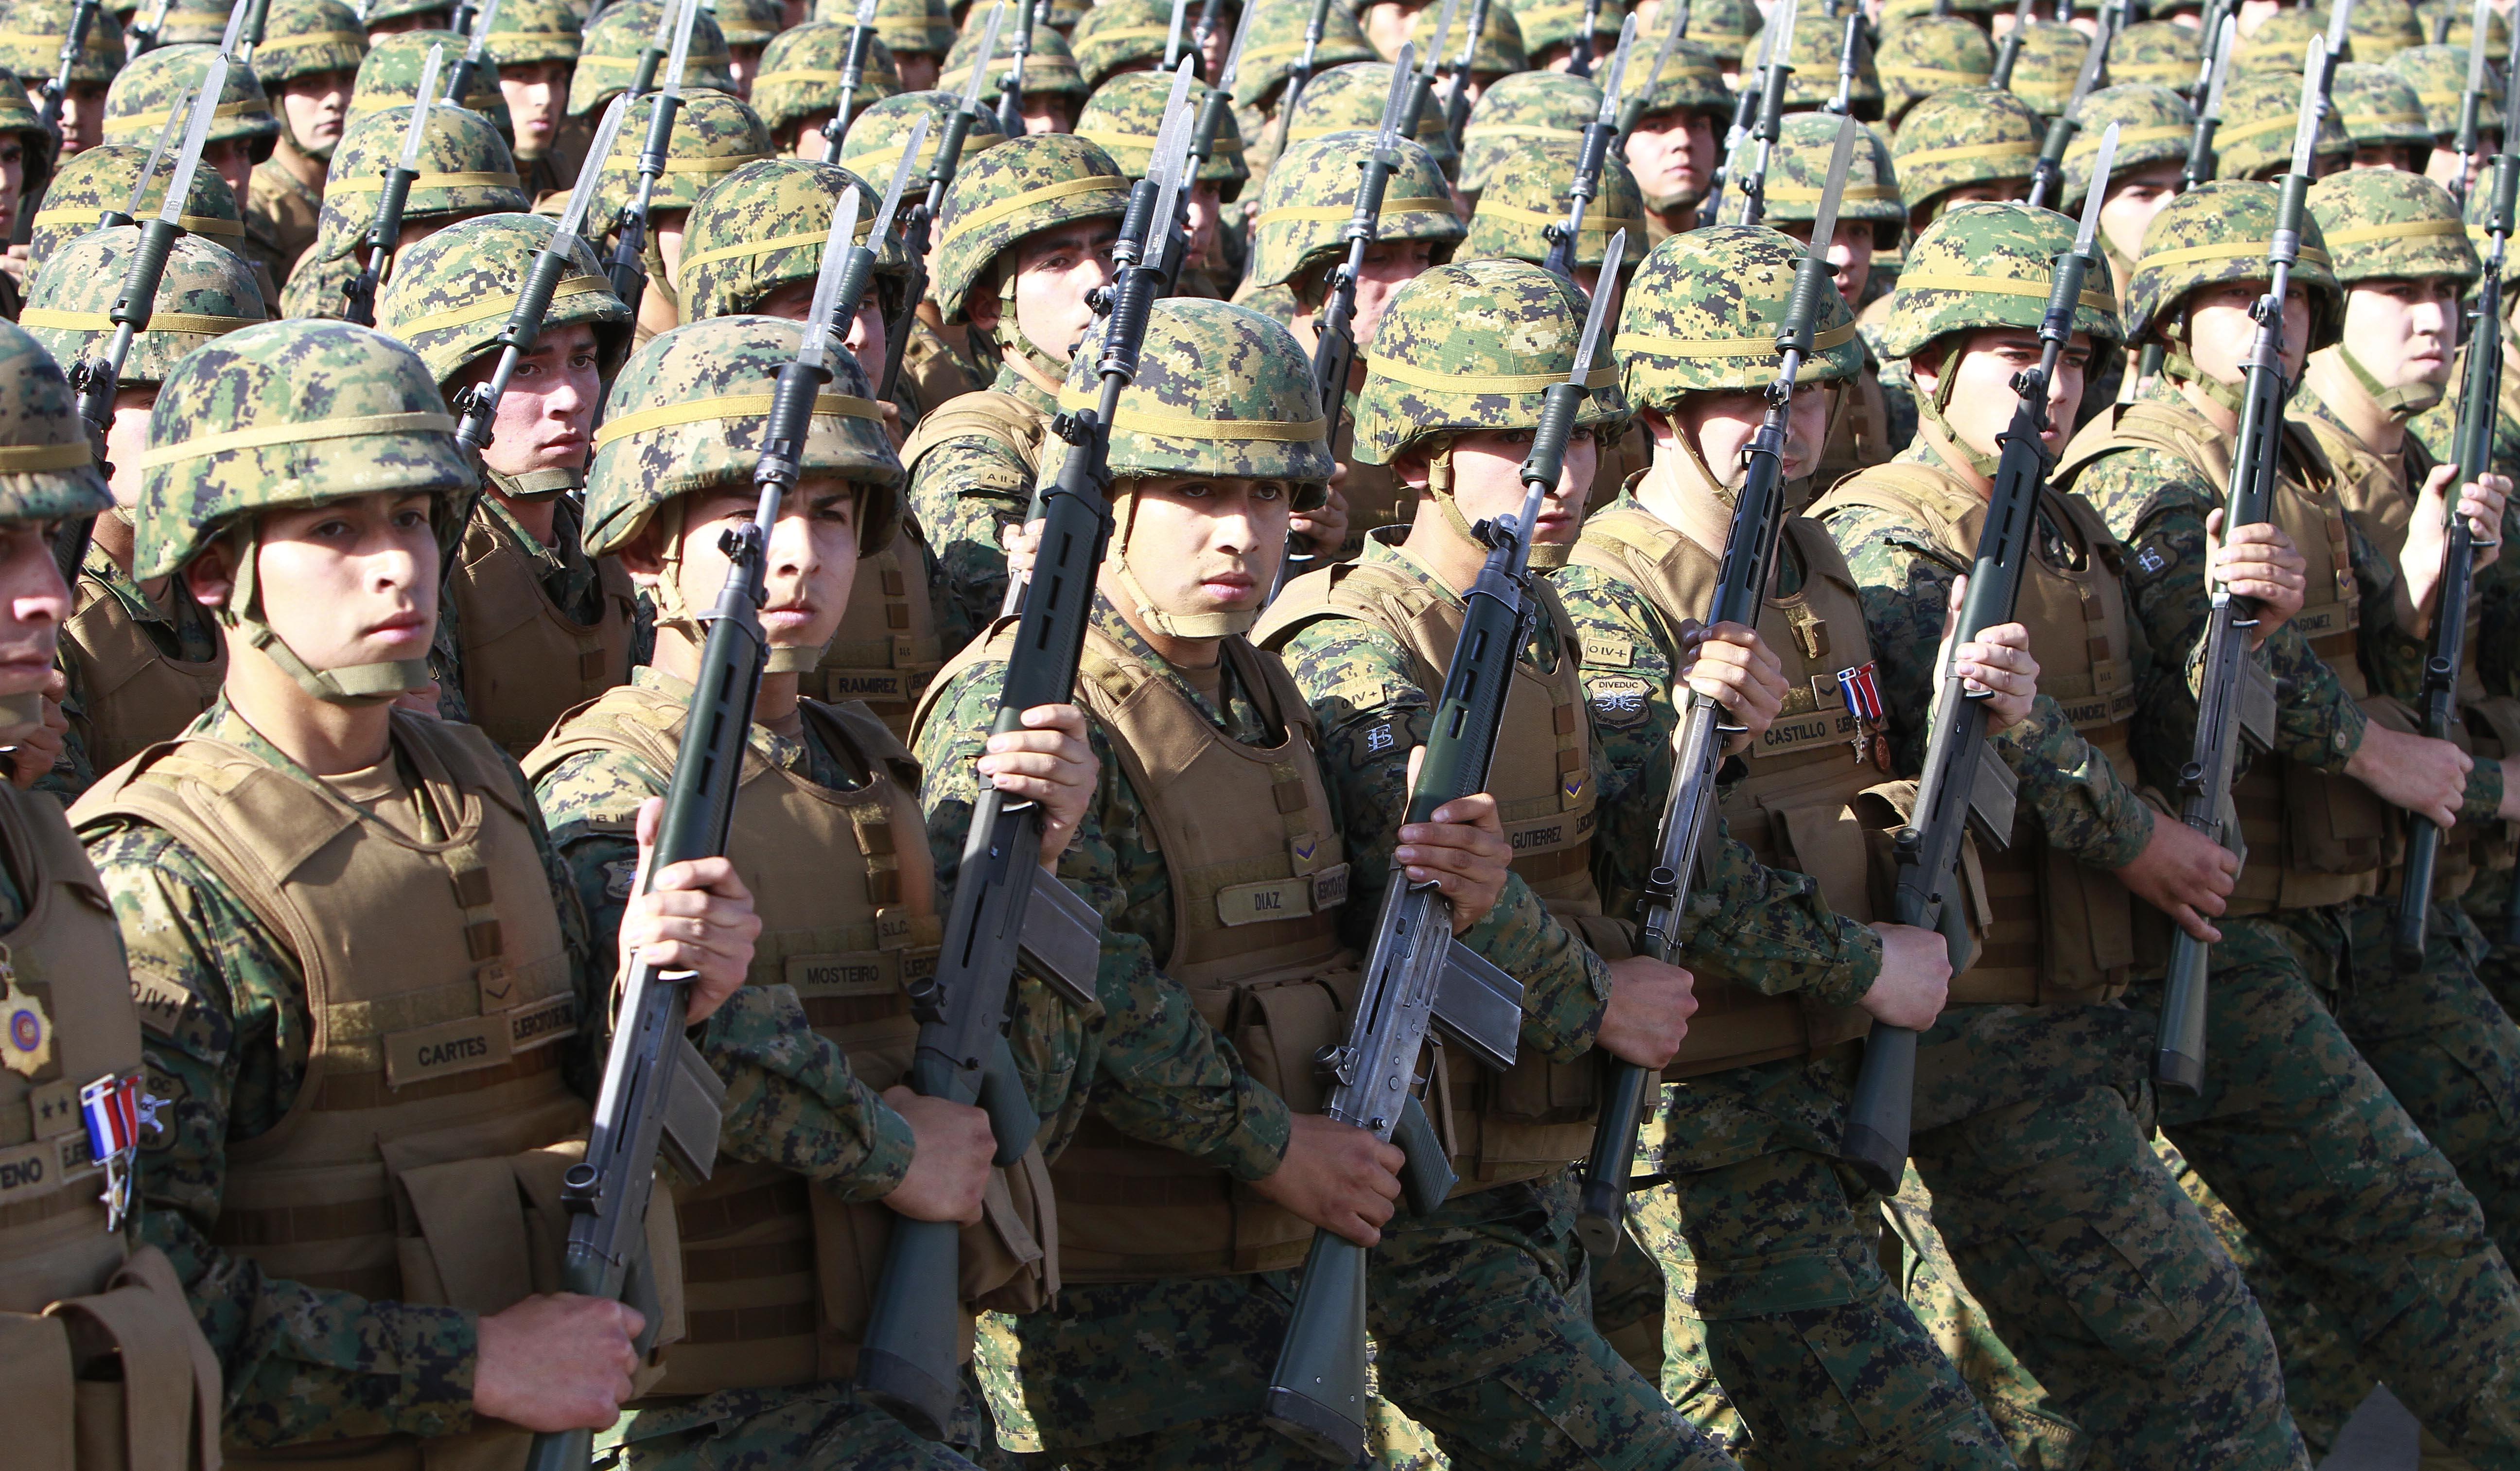 Parada Militar le costó a Chile más de $460 millones en los últimos cuatro años